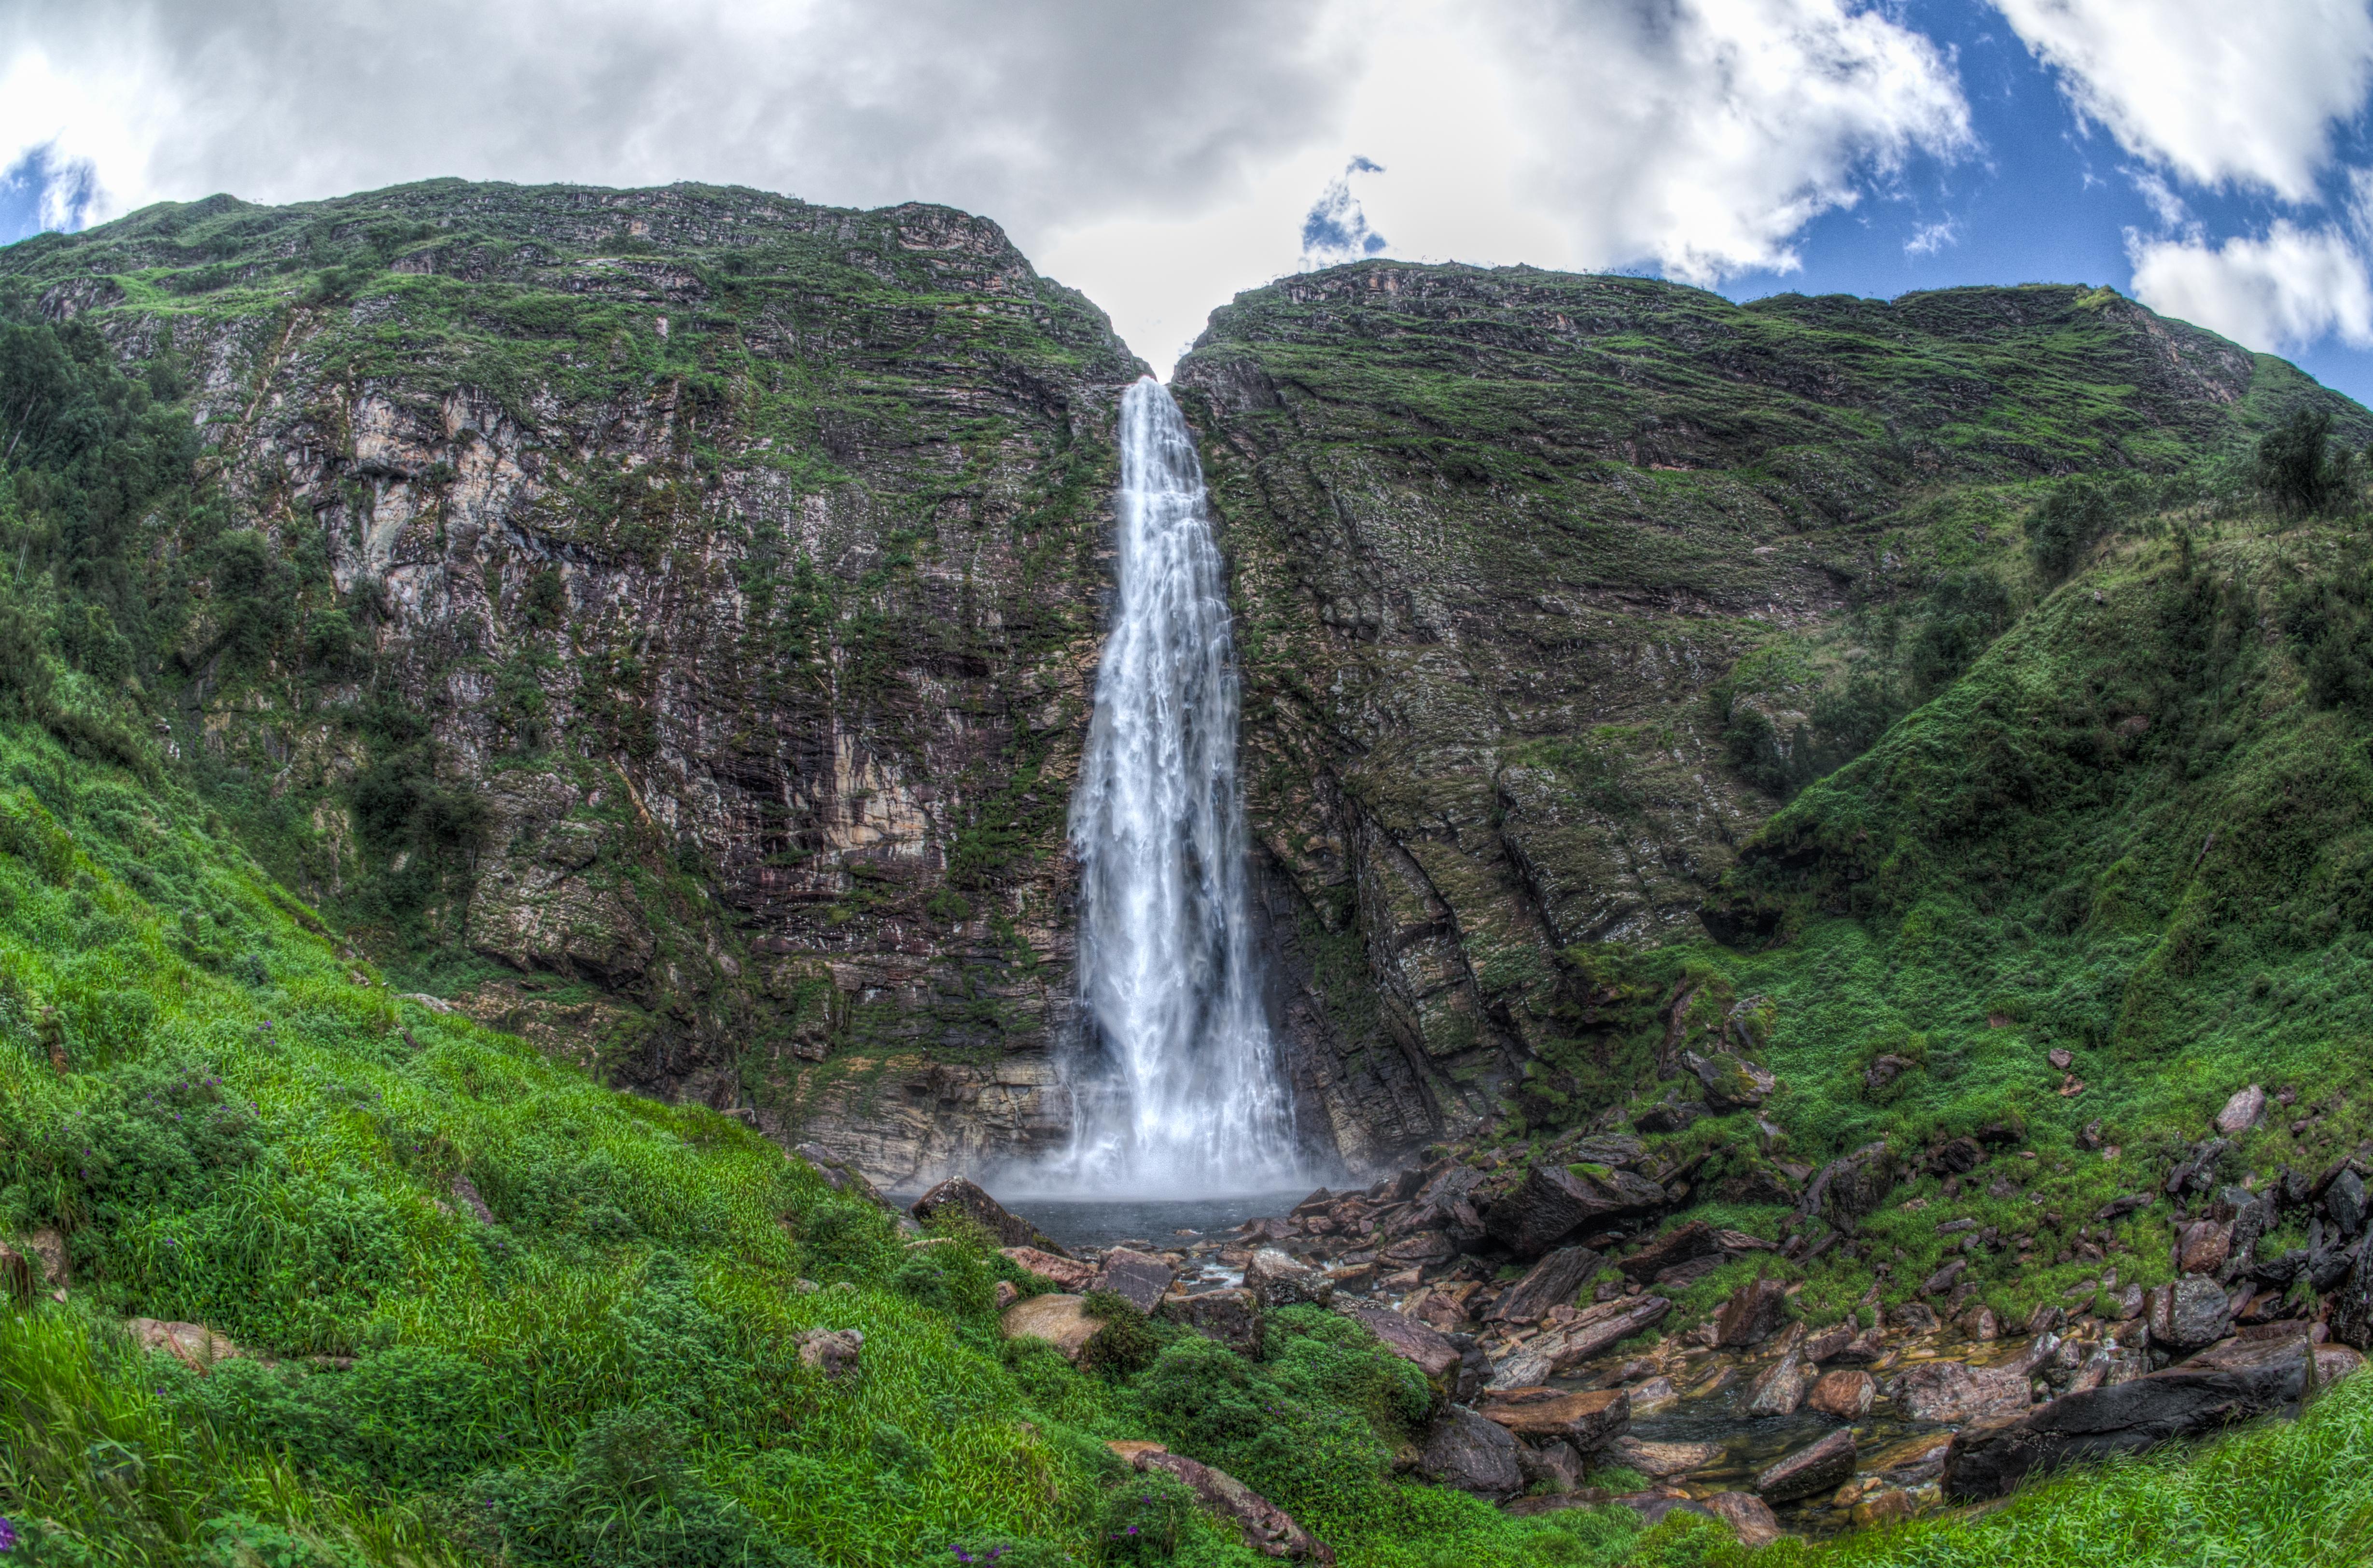 Cachoeira Casca d'Anta, na Serra da Canastra, uma das maiores de Minas Gerais. (Crédito: Walter Dissman/Wikicommons)